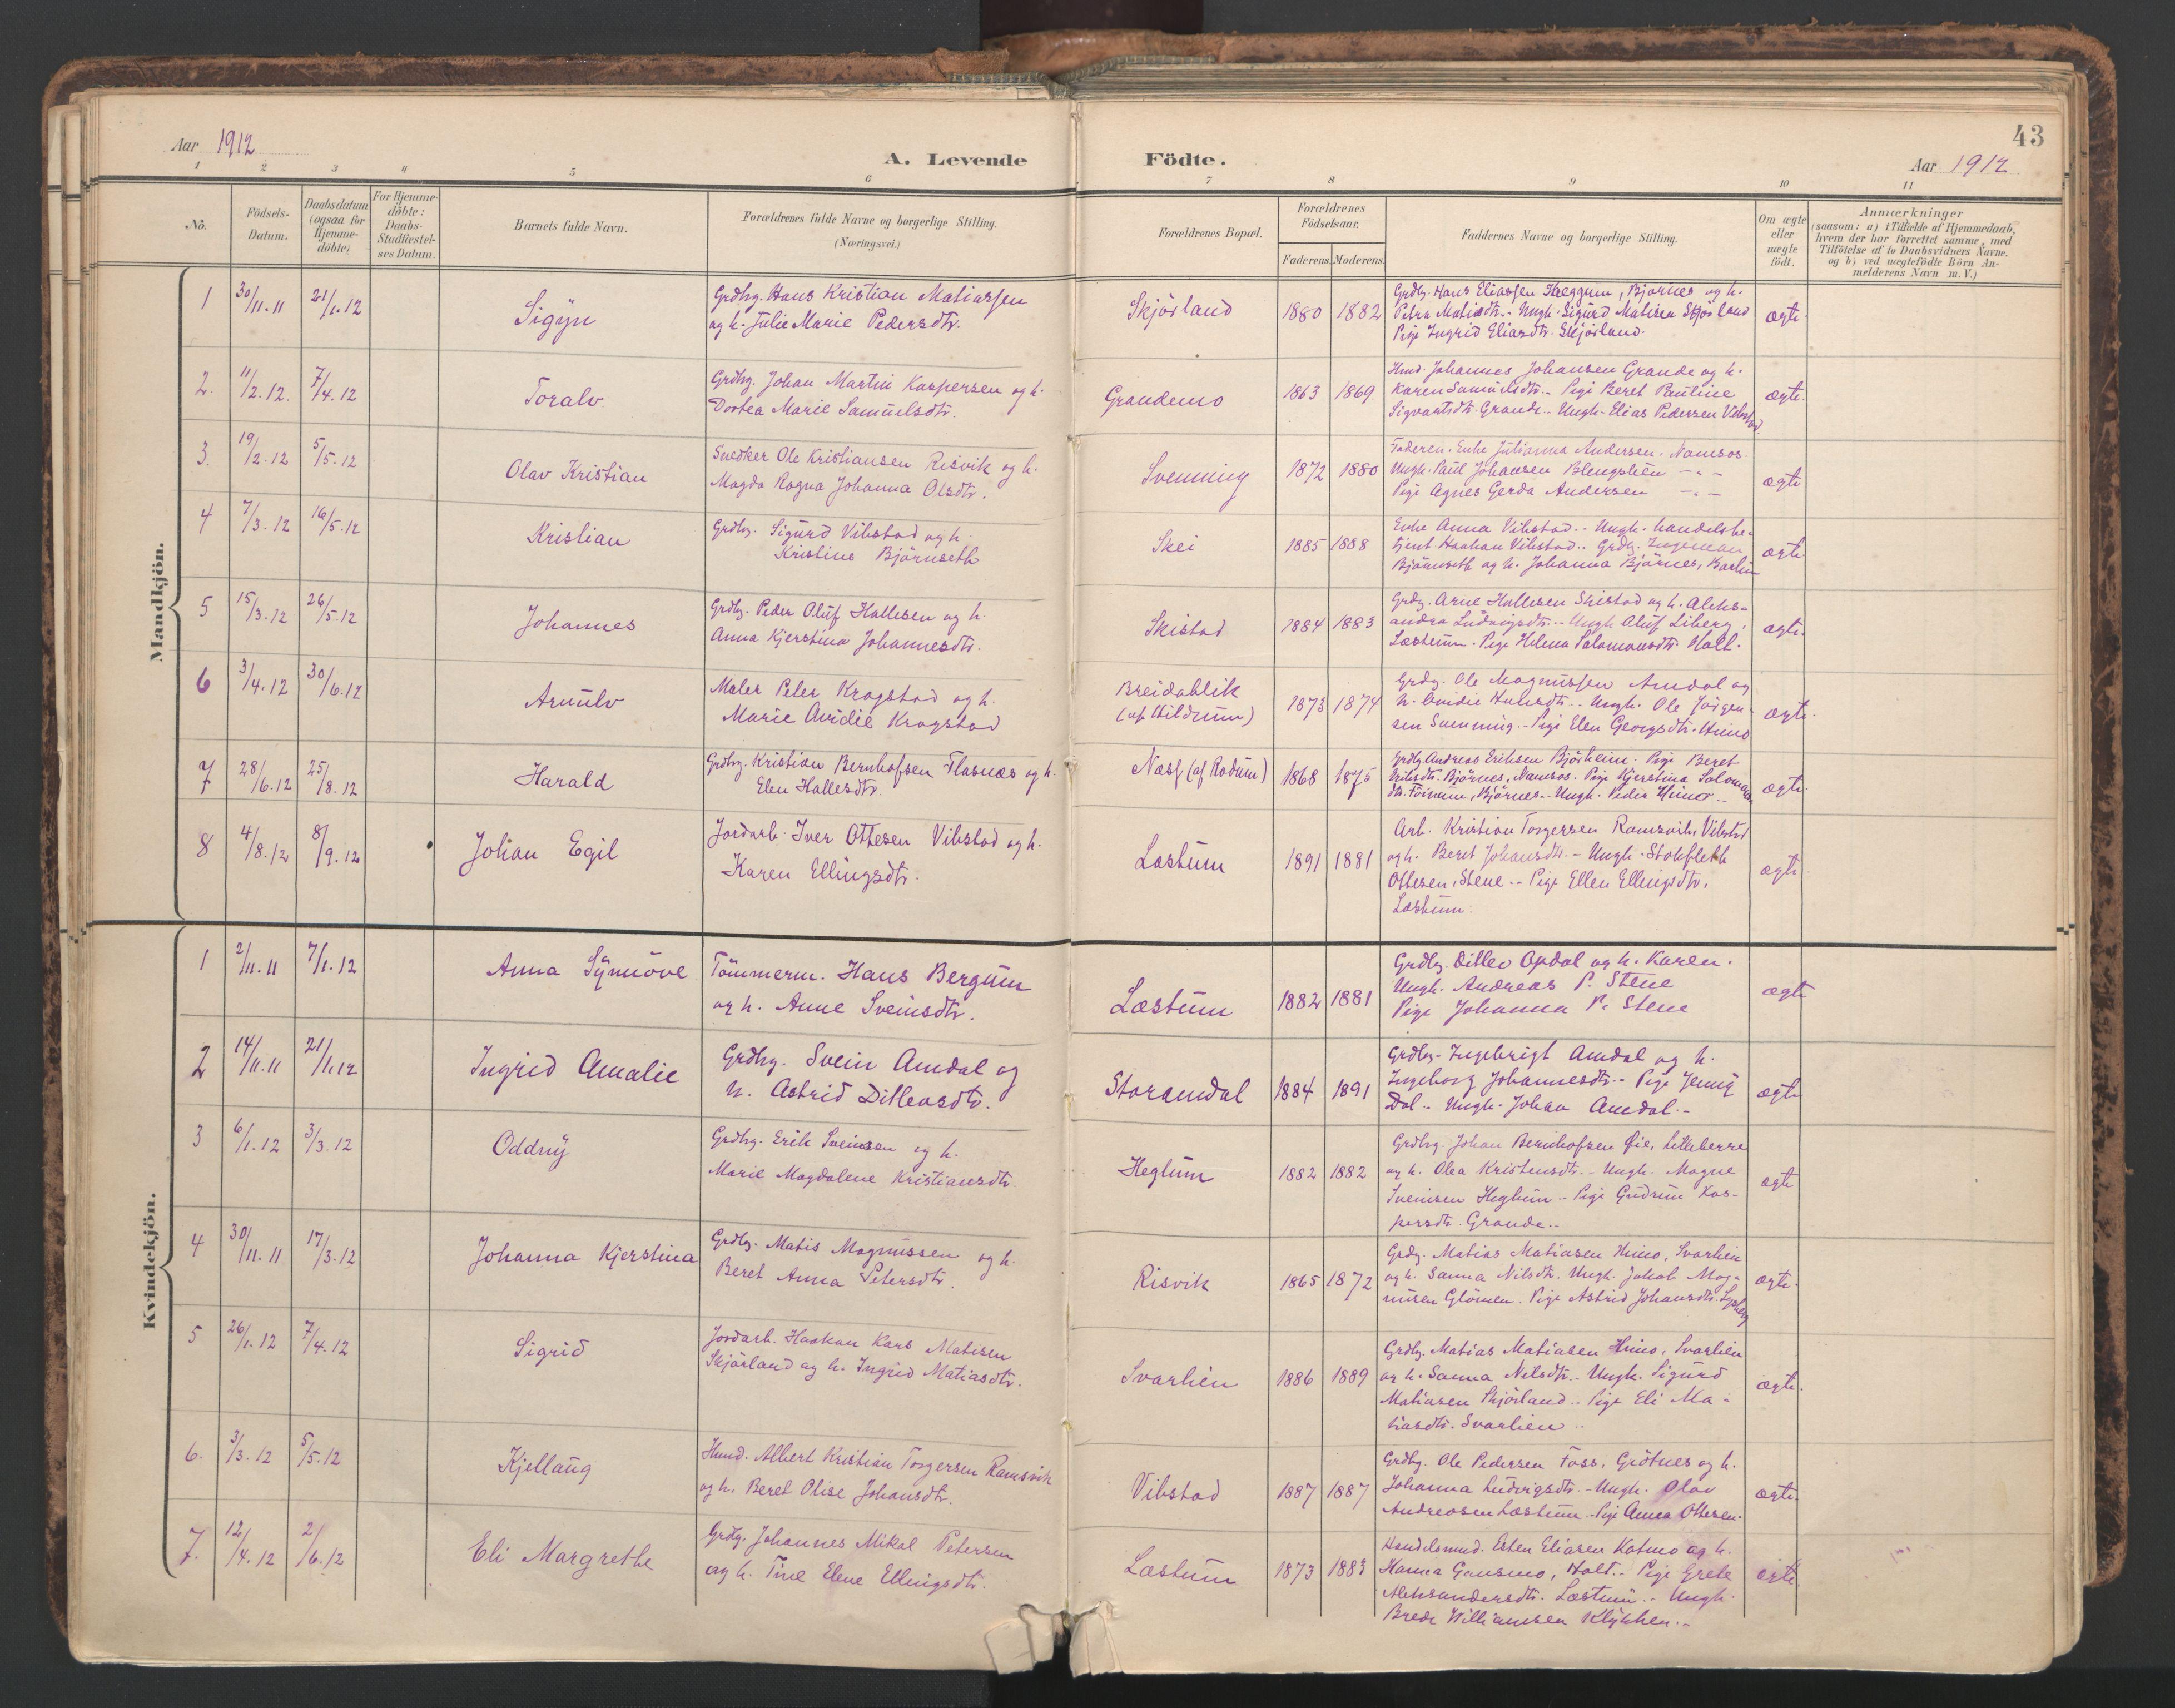 SAT, Ministerialprotokoller, klokkerbøker og fødselsregistre - Nord-Trøndelag, 764/L0556: Ministerialbok nr. 764A11, 1897-1924, s. 43